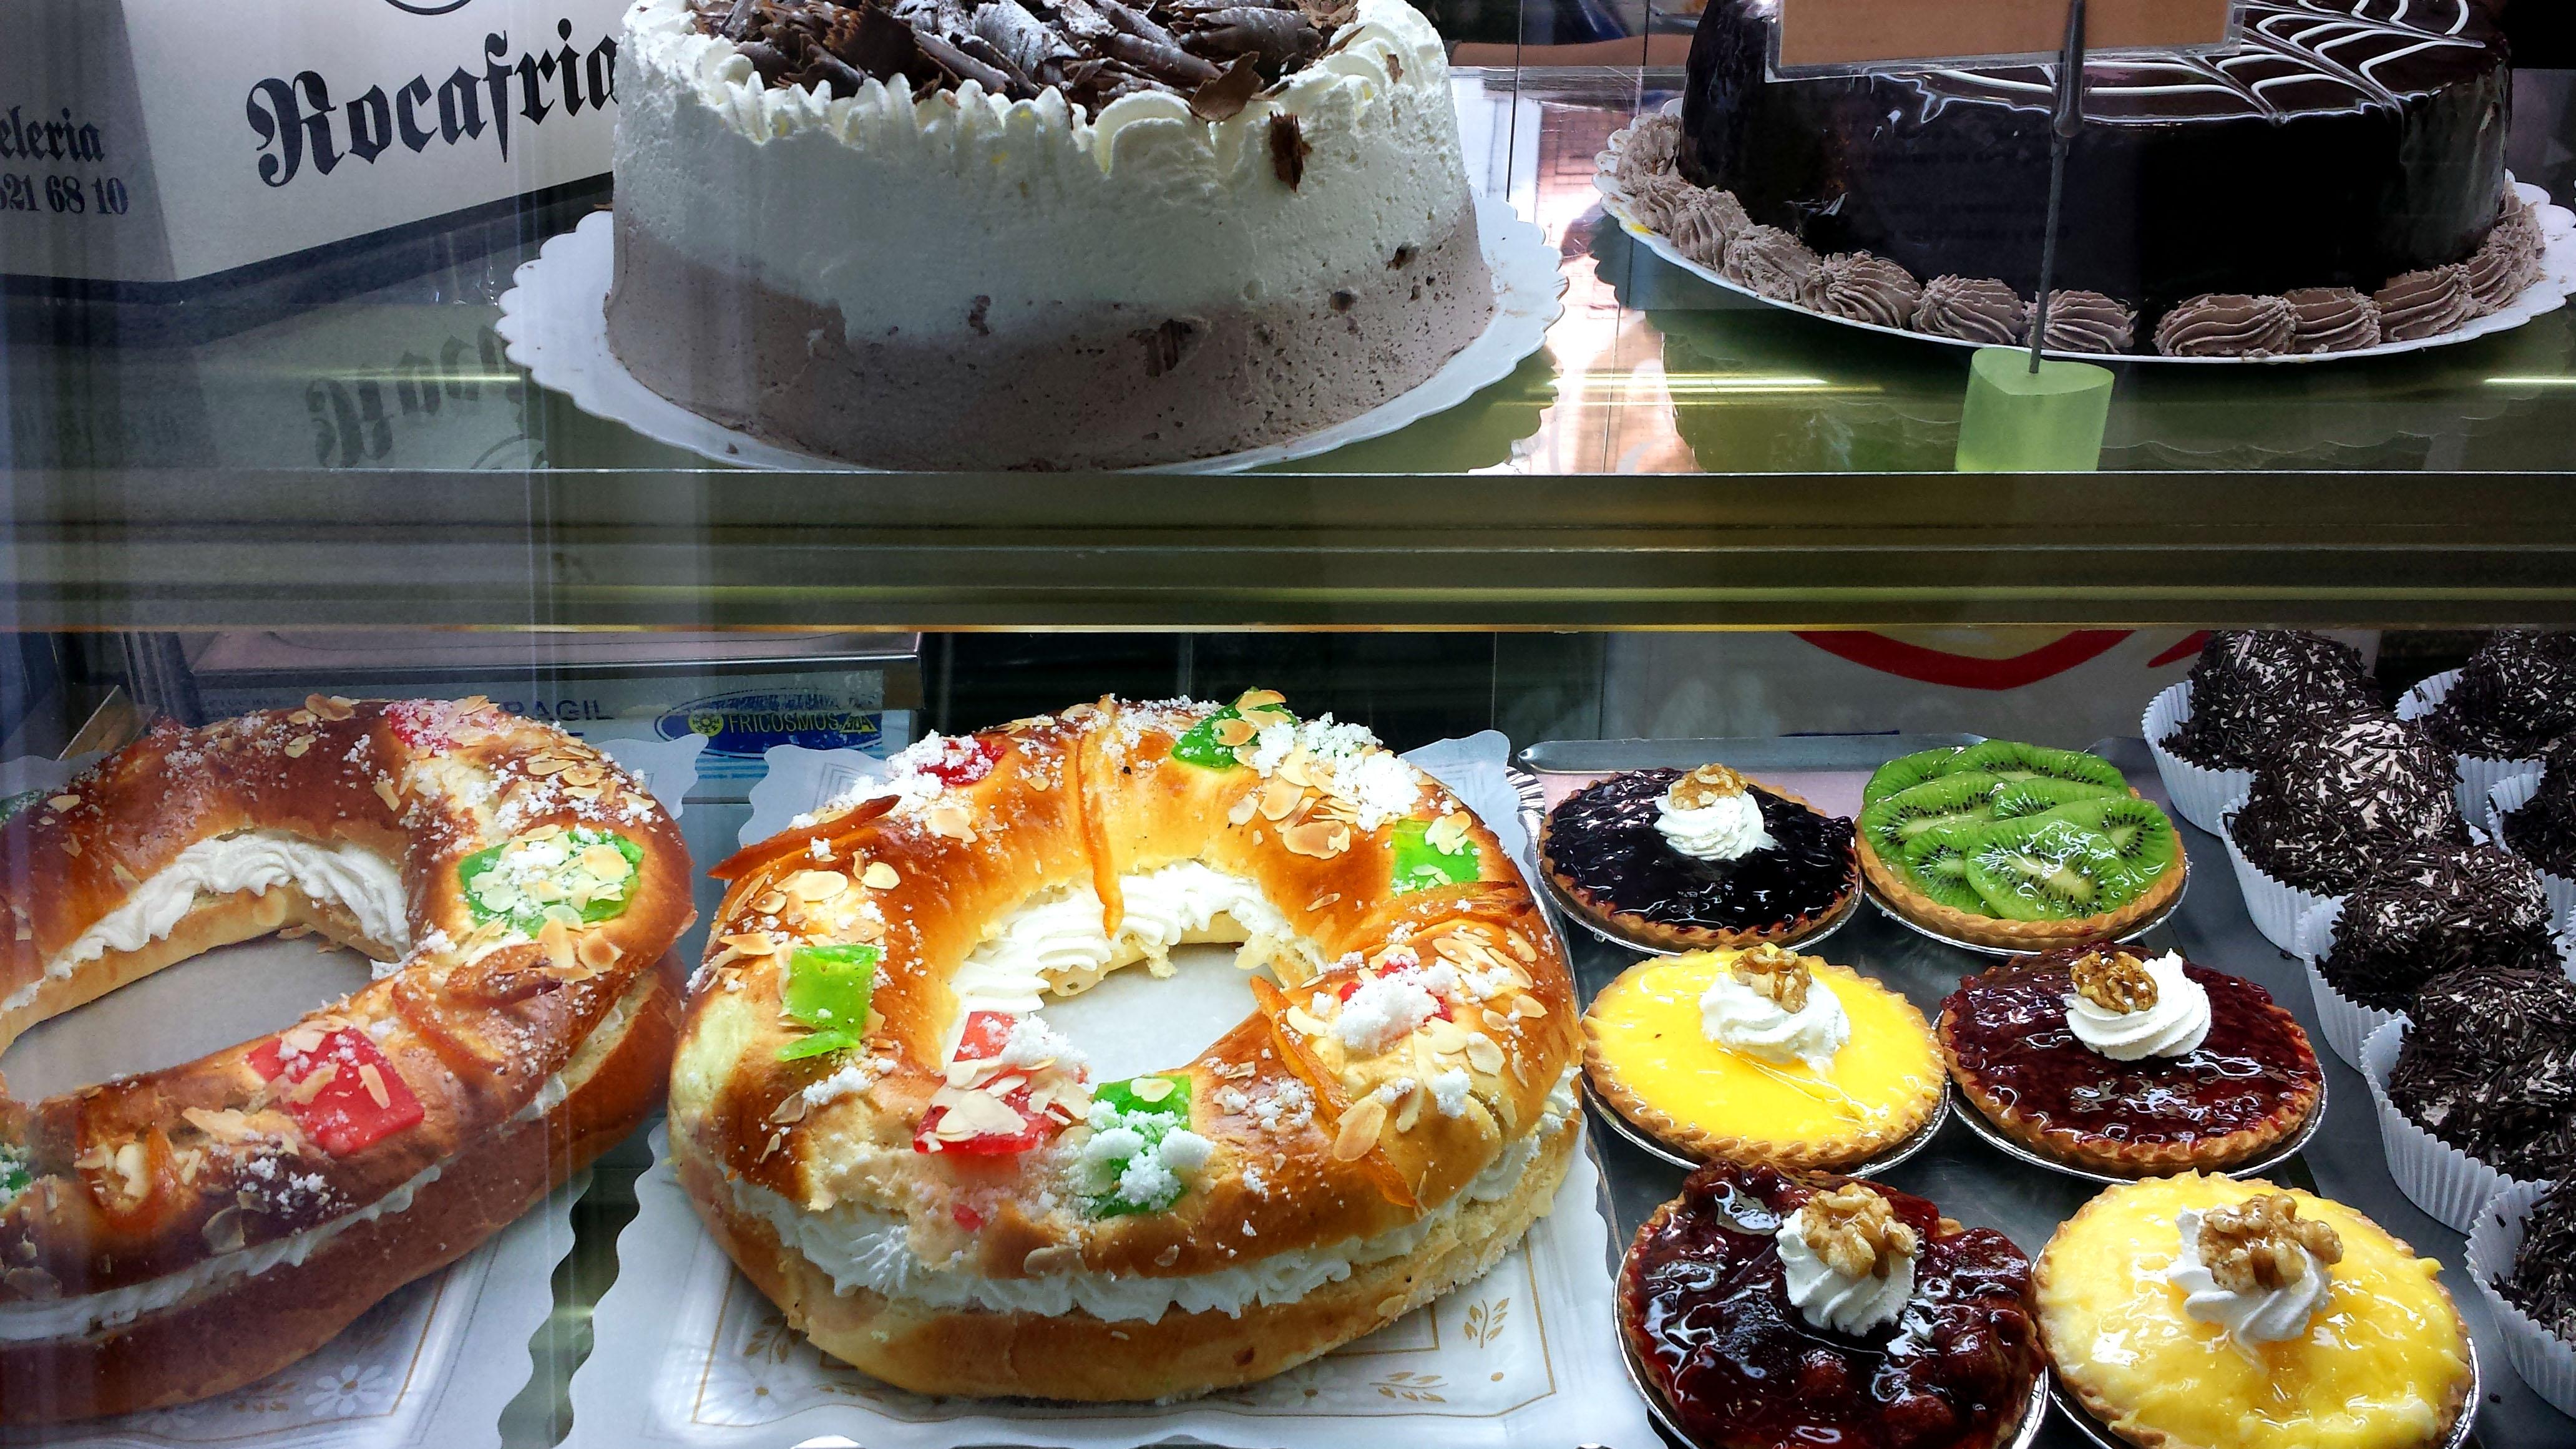 Los roscones de Rocafría llevan relleno de nata, trufa o crema pastelera.